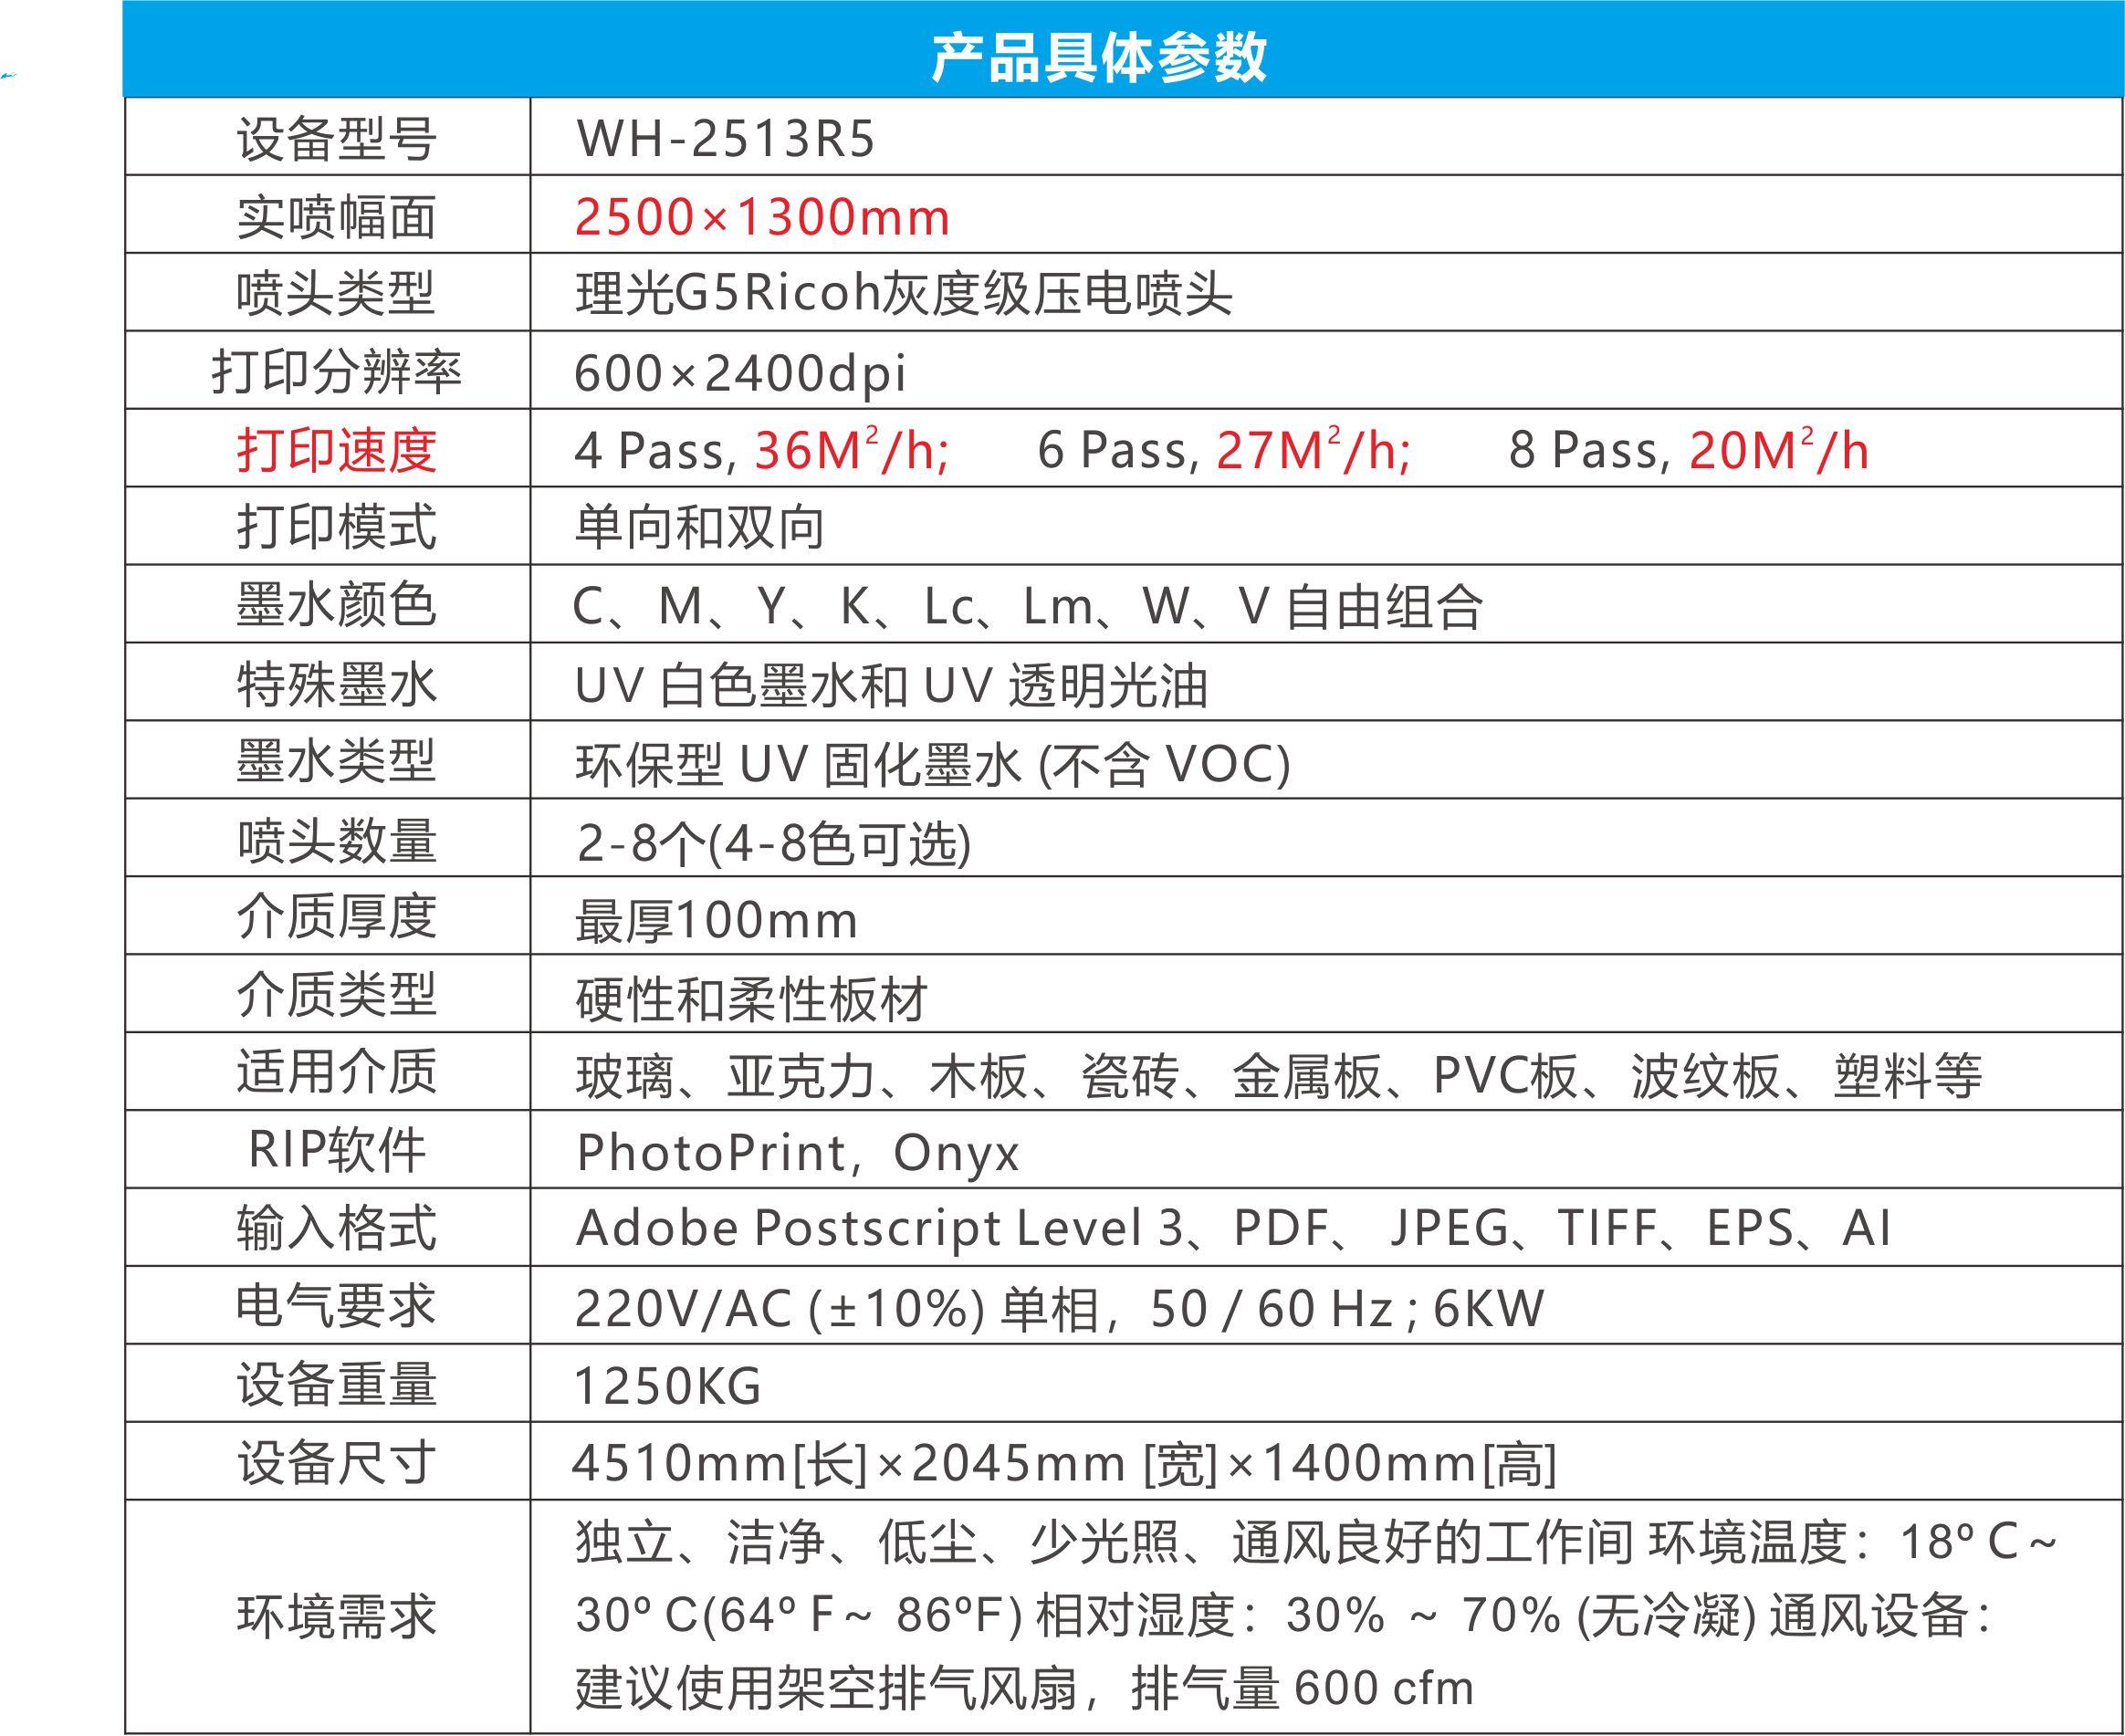 高精度平板uv数码打印机参数